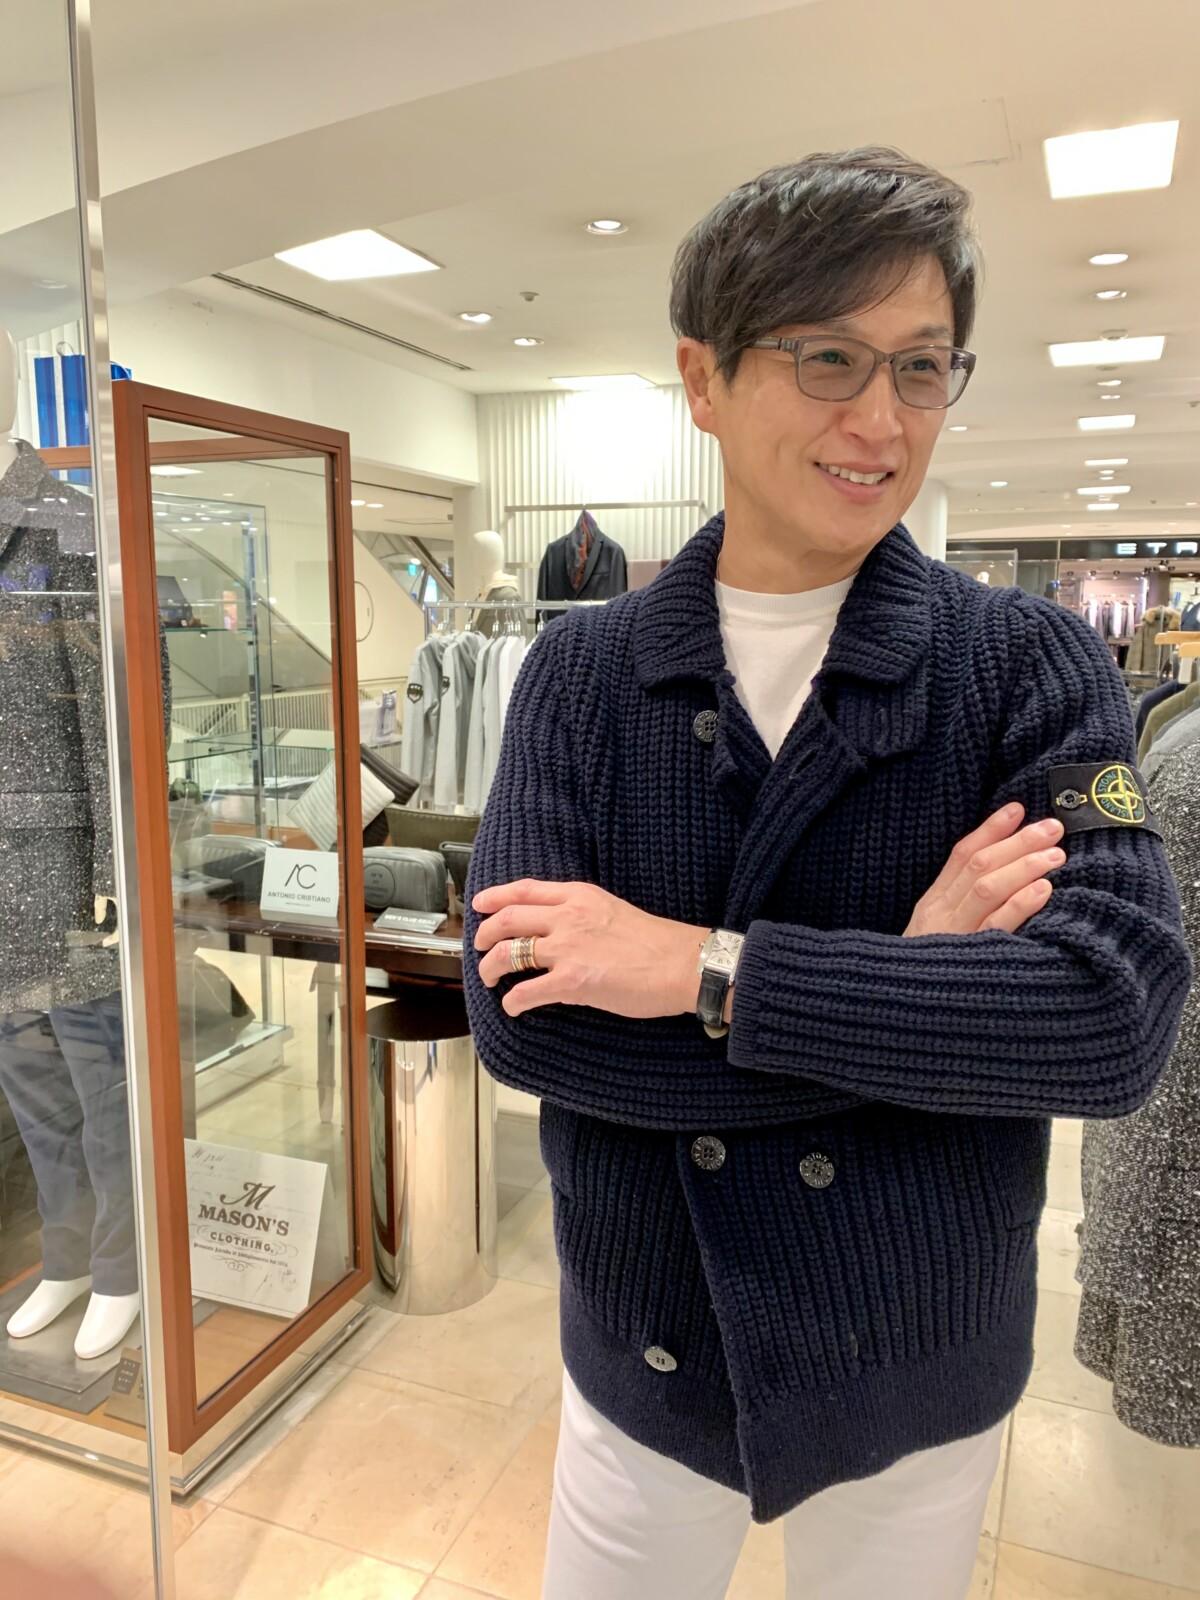 1 タンク アメリカンは、カジュアルな装いでこそ品を放つ!|戸賀 敬城